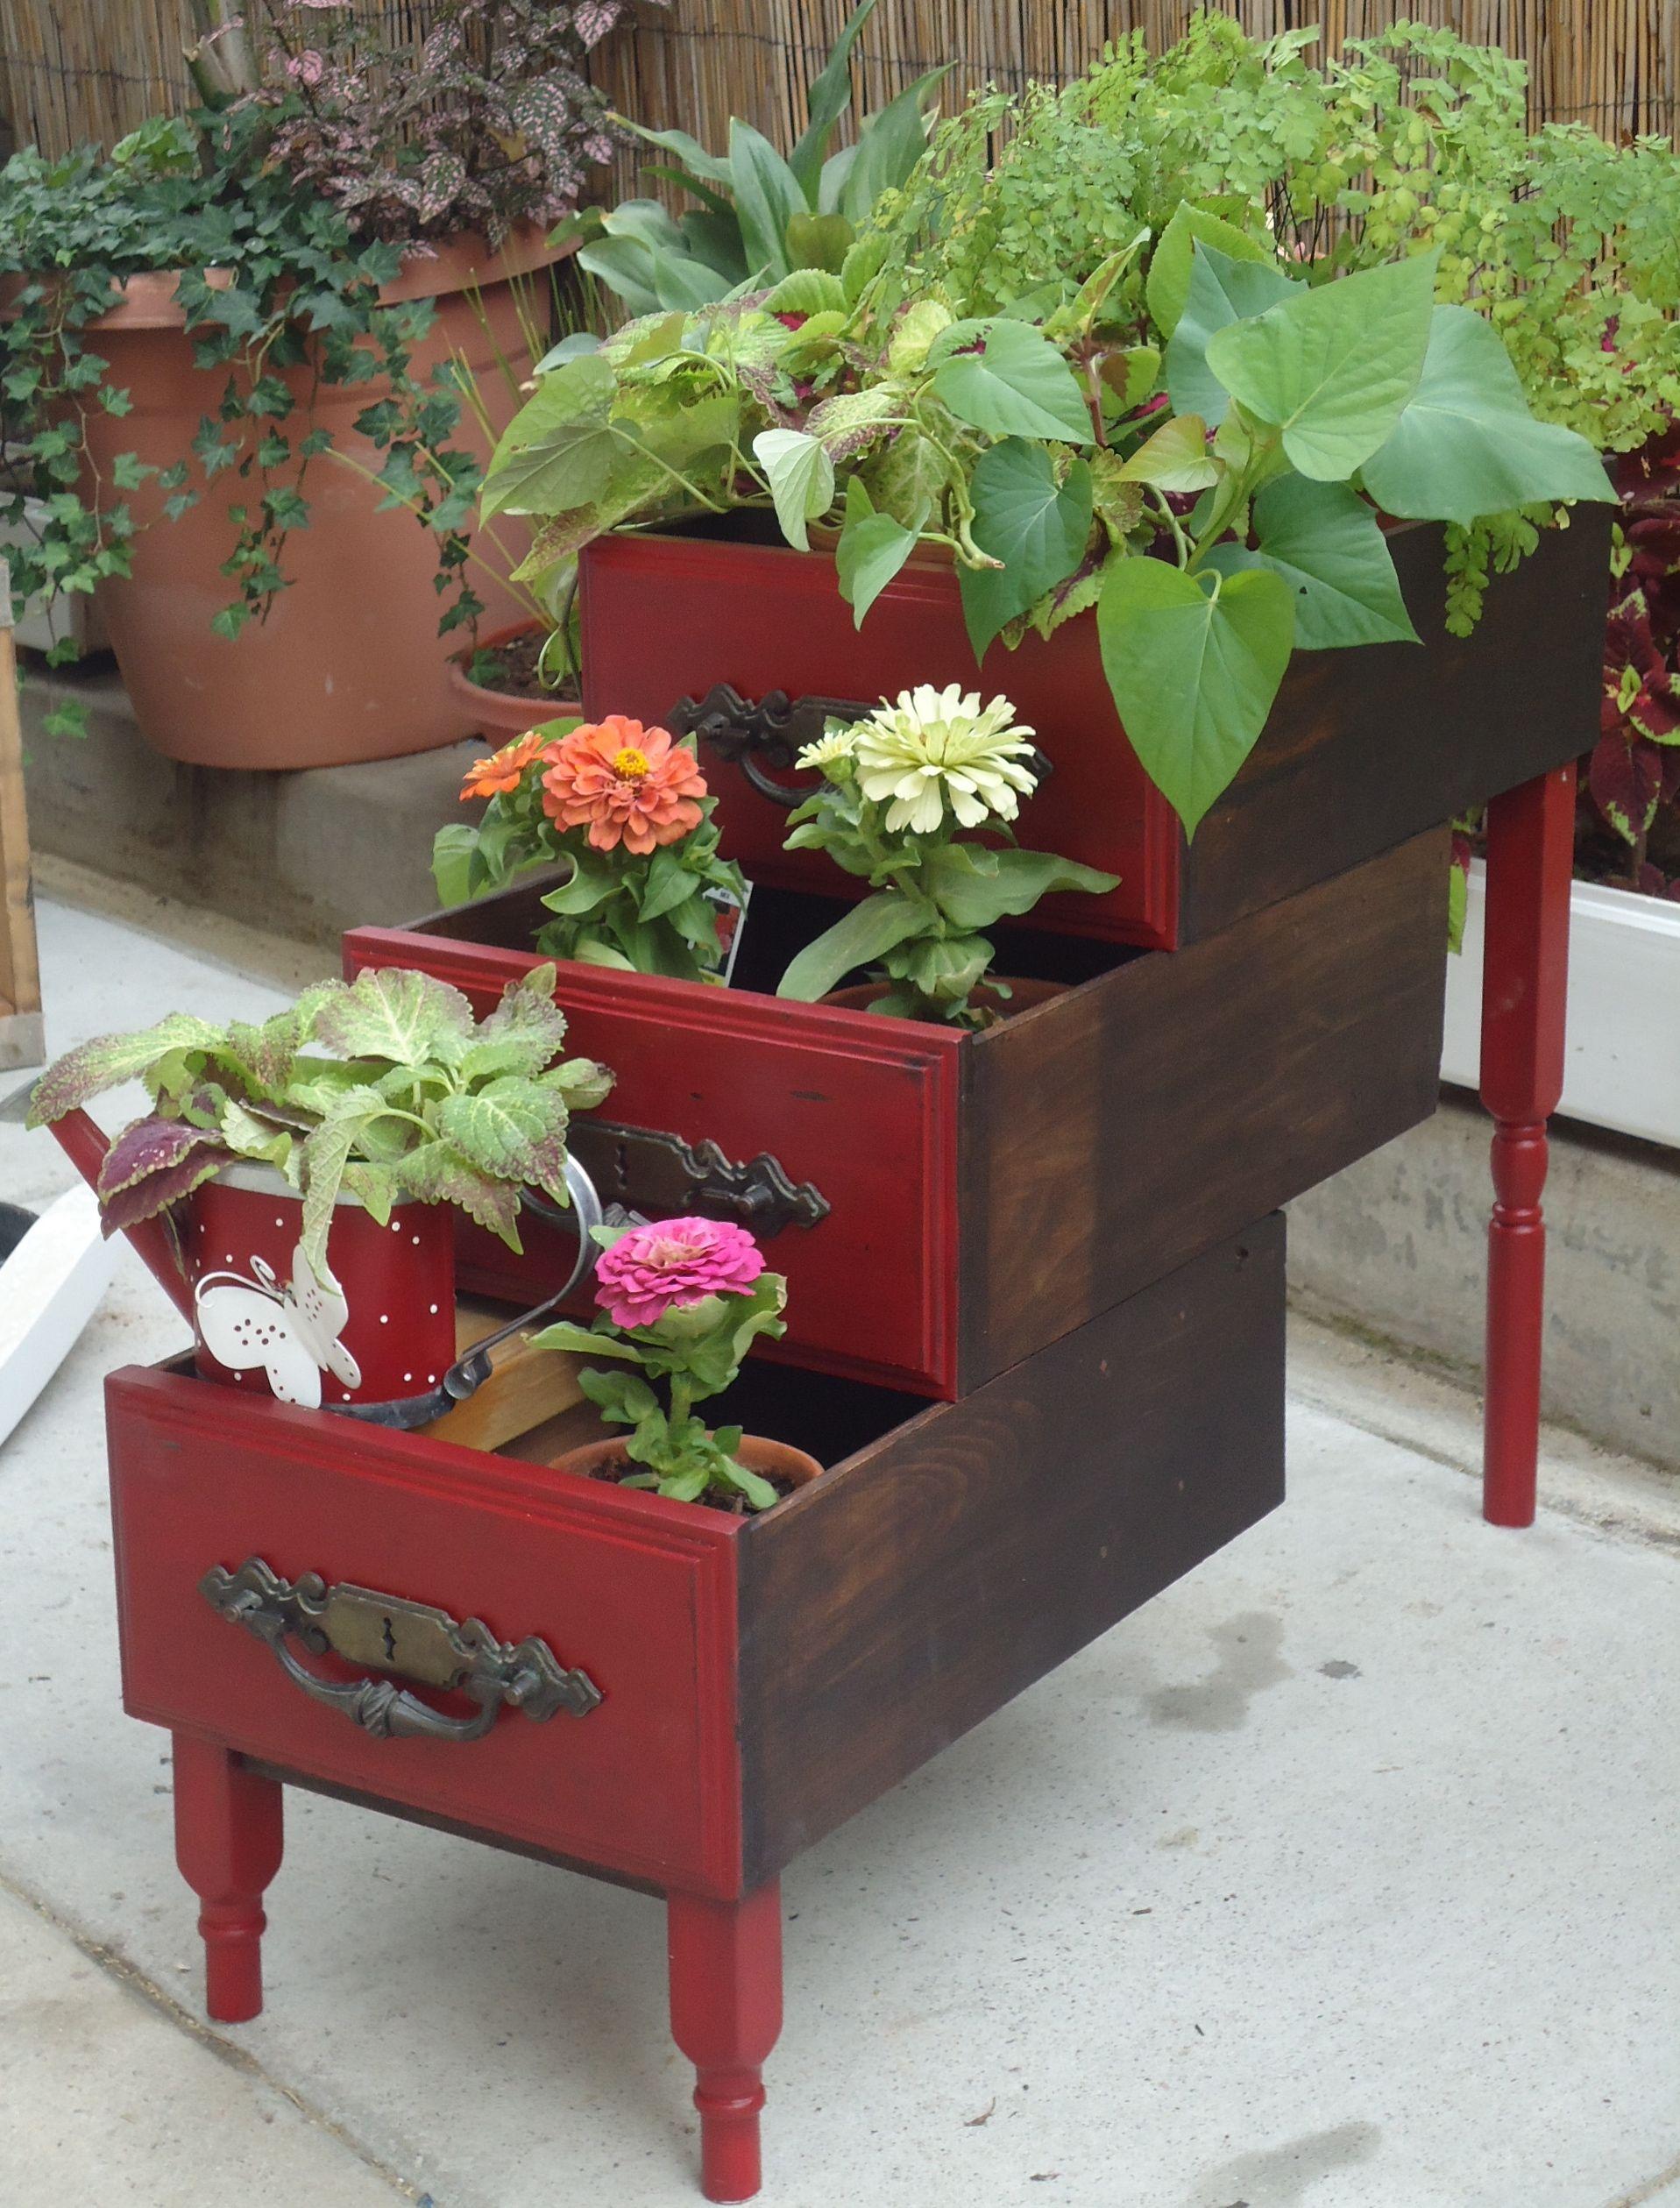 blumenregal aus schubladen tolle upcycling idee blumen garten m bel und balkon. Black Bedroom Furniture Sets. Home Design Ideas